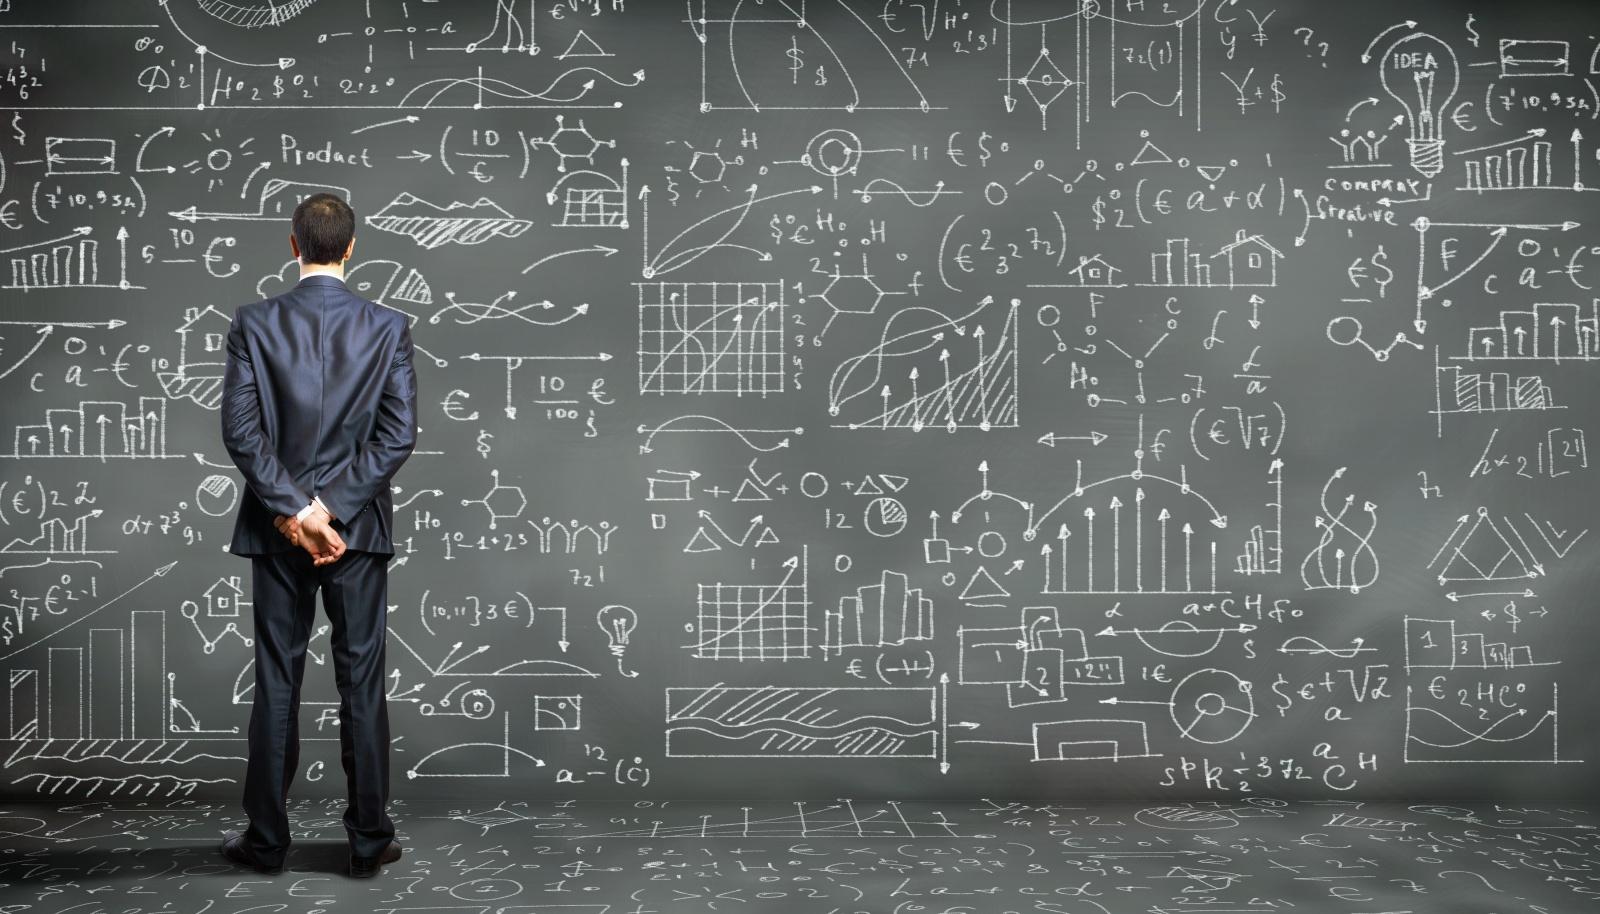 Исследование: более 400 крупных популярных сайтов записывают пользовательские сессии - 1